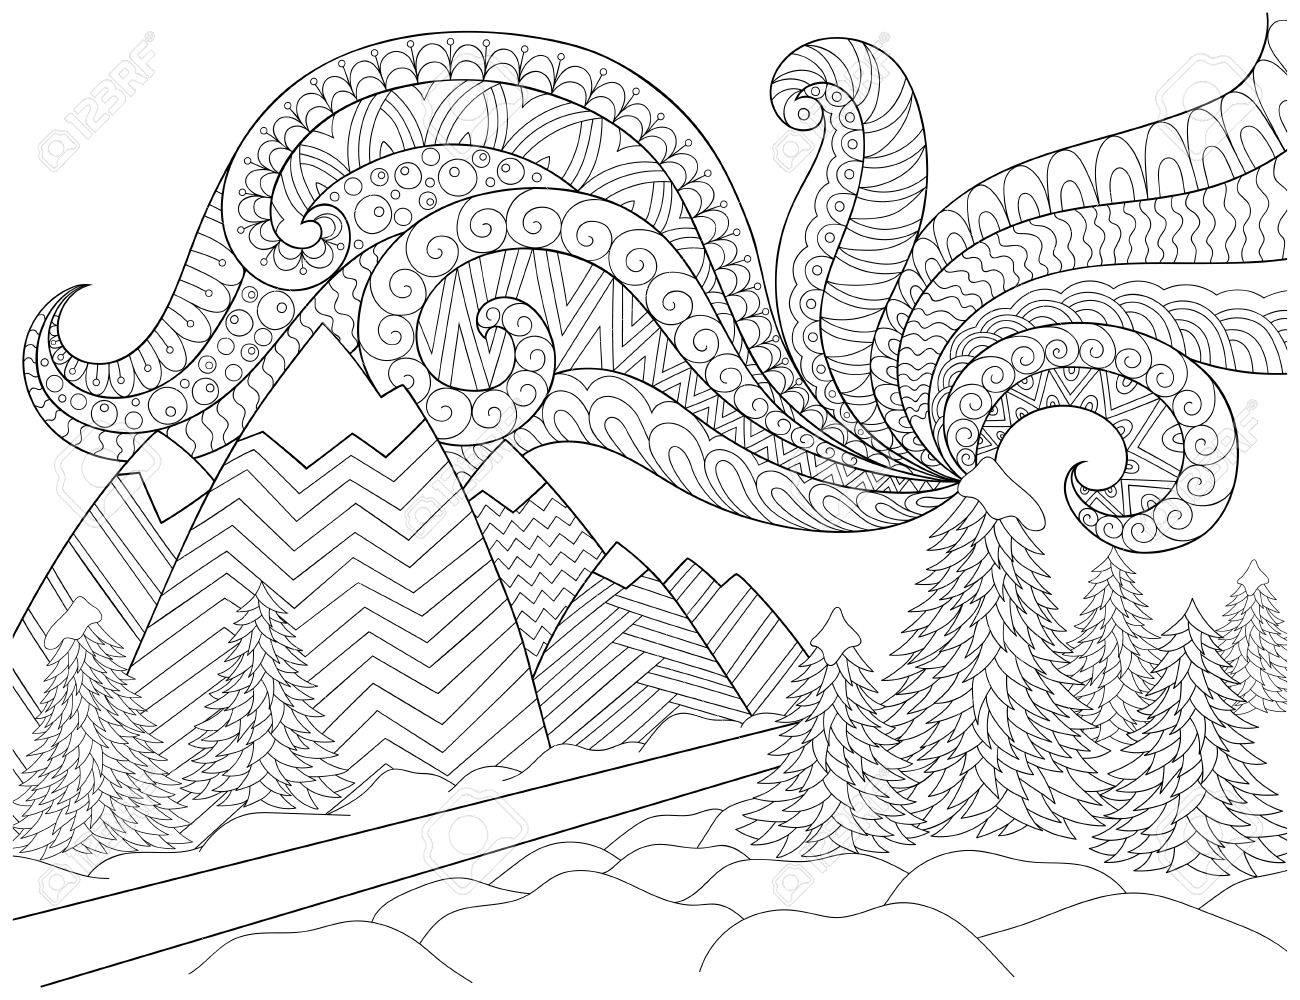 Doodle Patrón En Blanco Y Negro Paisaje De Invierno Por Carretera árboles Montañas Aurora Boreal Acumulaciones De Nieve Patrón Del Paisaje